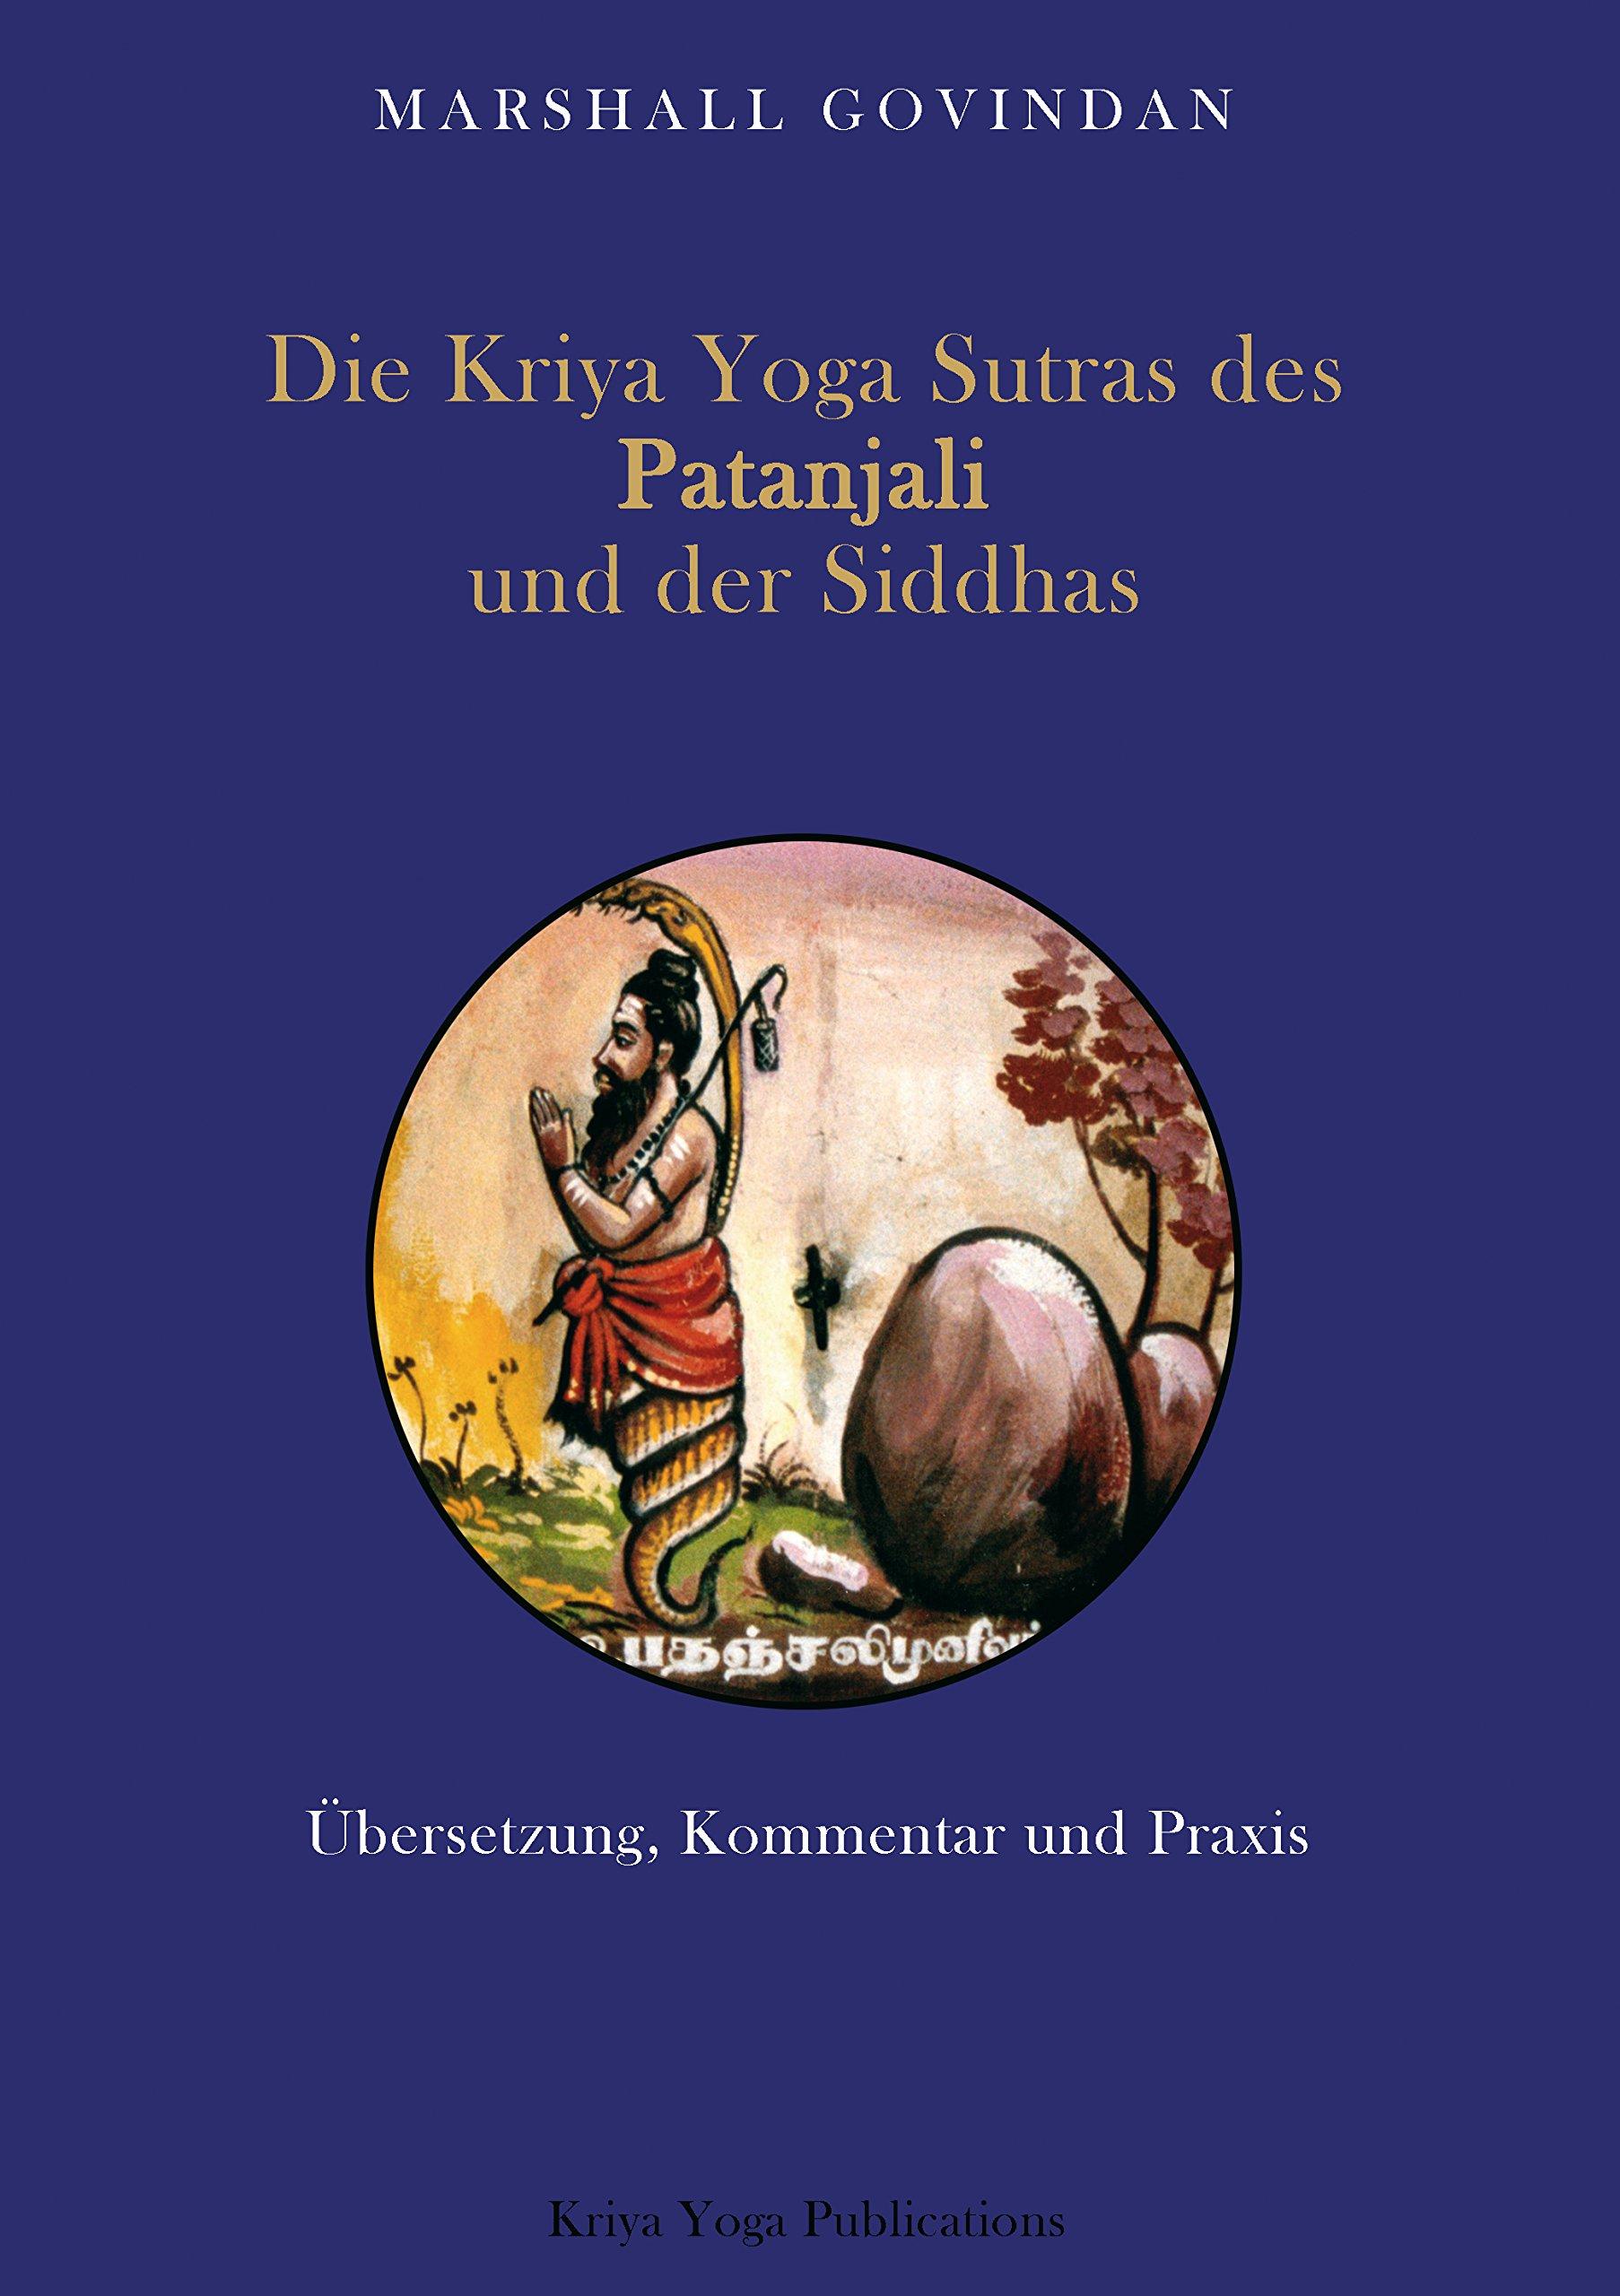 Die Kriya Yoga Sutras des Patanjali und der Siddhas: Amazon ...